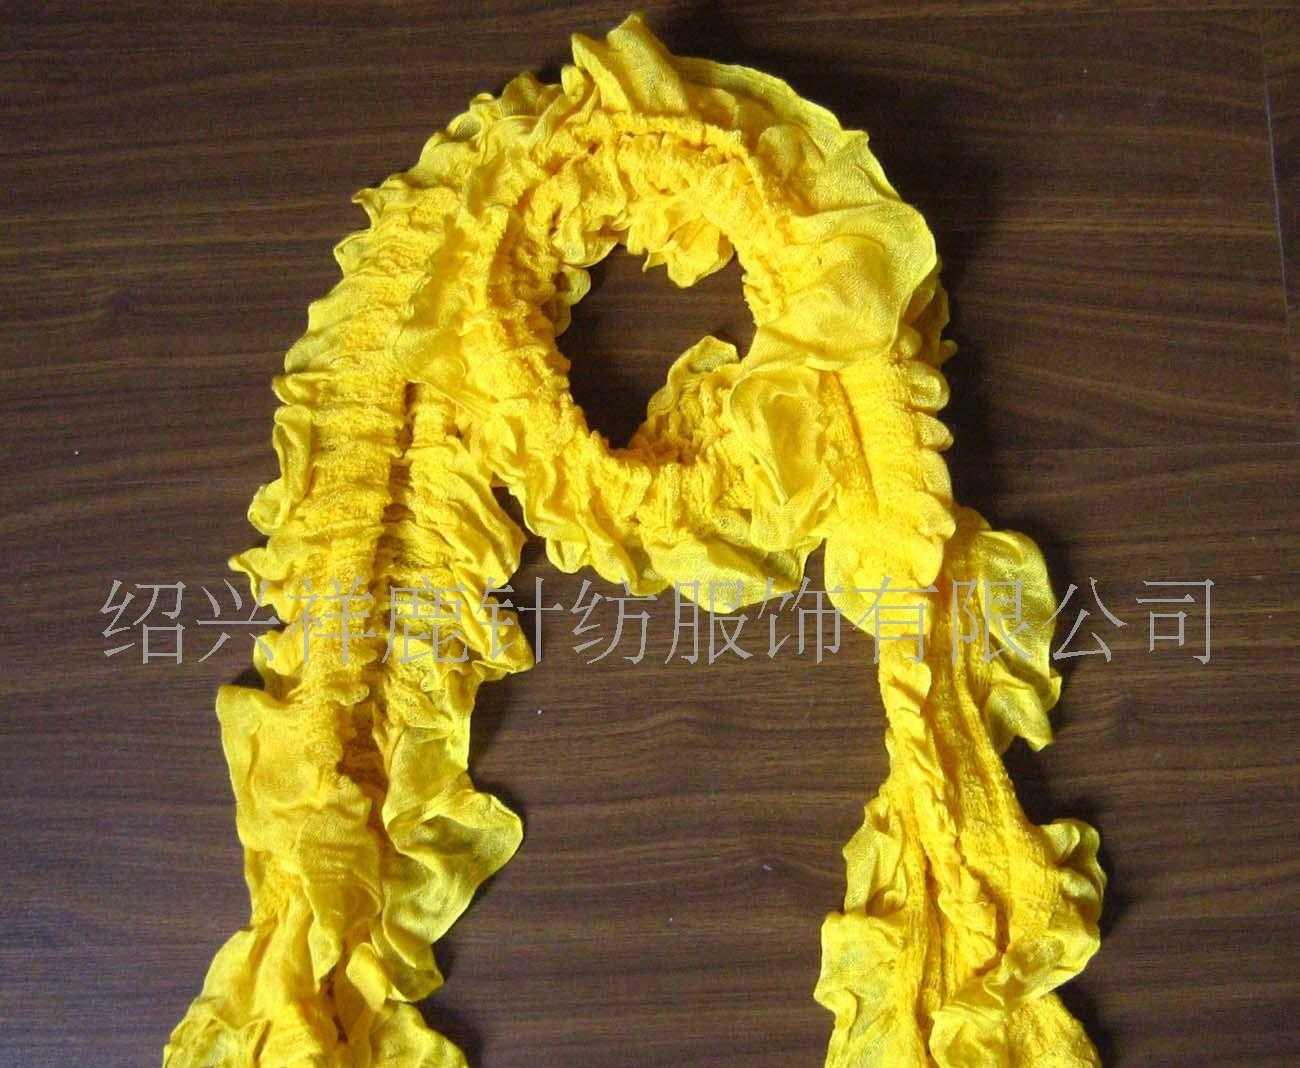 厂家直销各种材质不同尺寸的印花/素色/色织围巾披肩